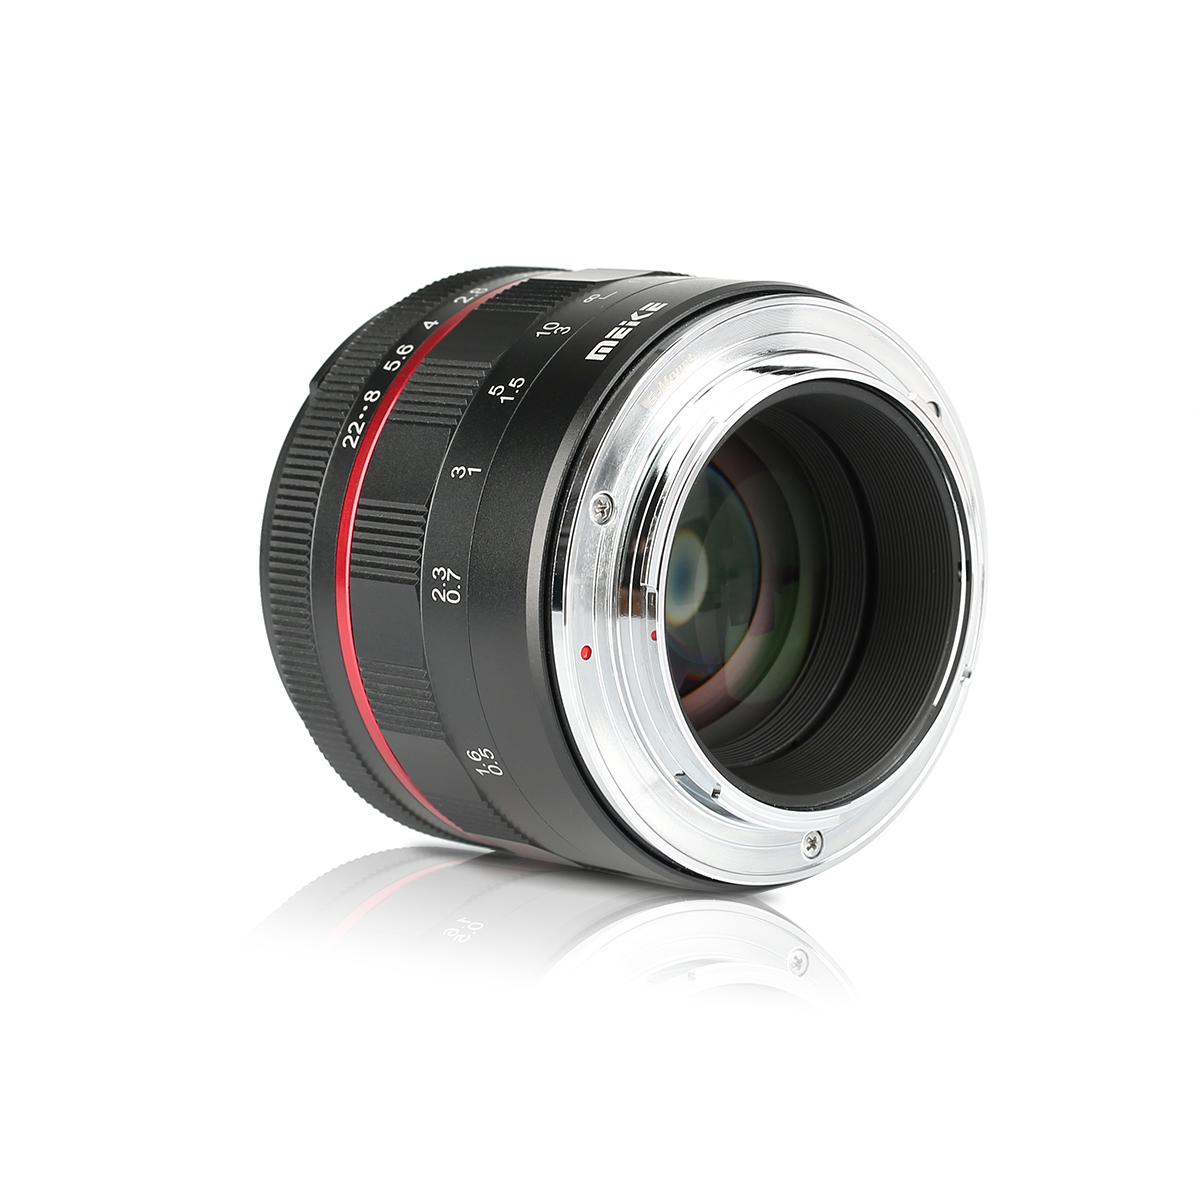 New Meike 50mm f/1.7 full frame manual focus lens for Sony E-mount ...